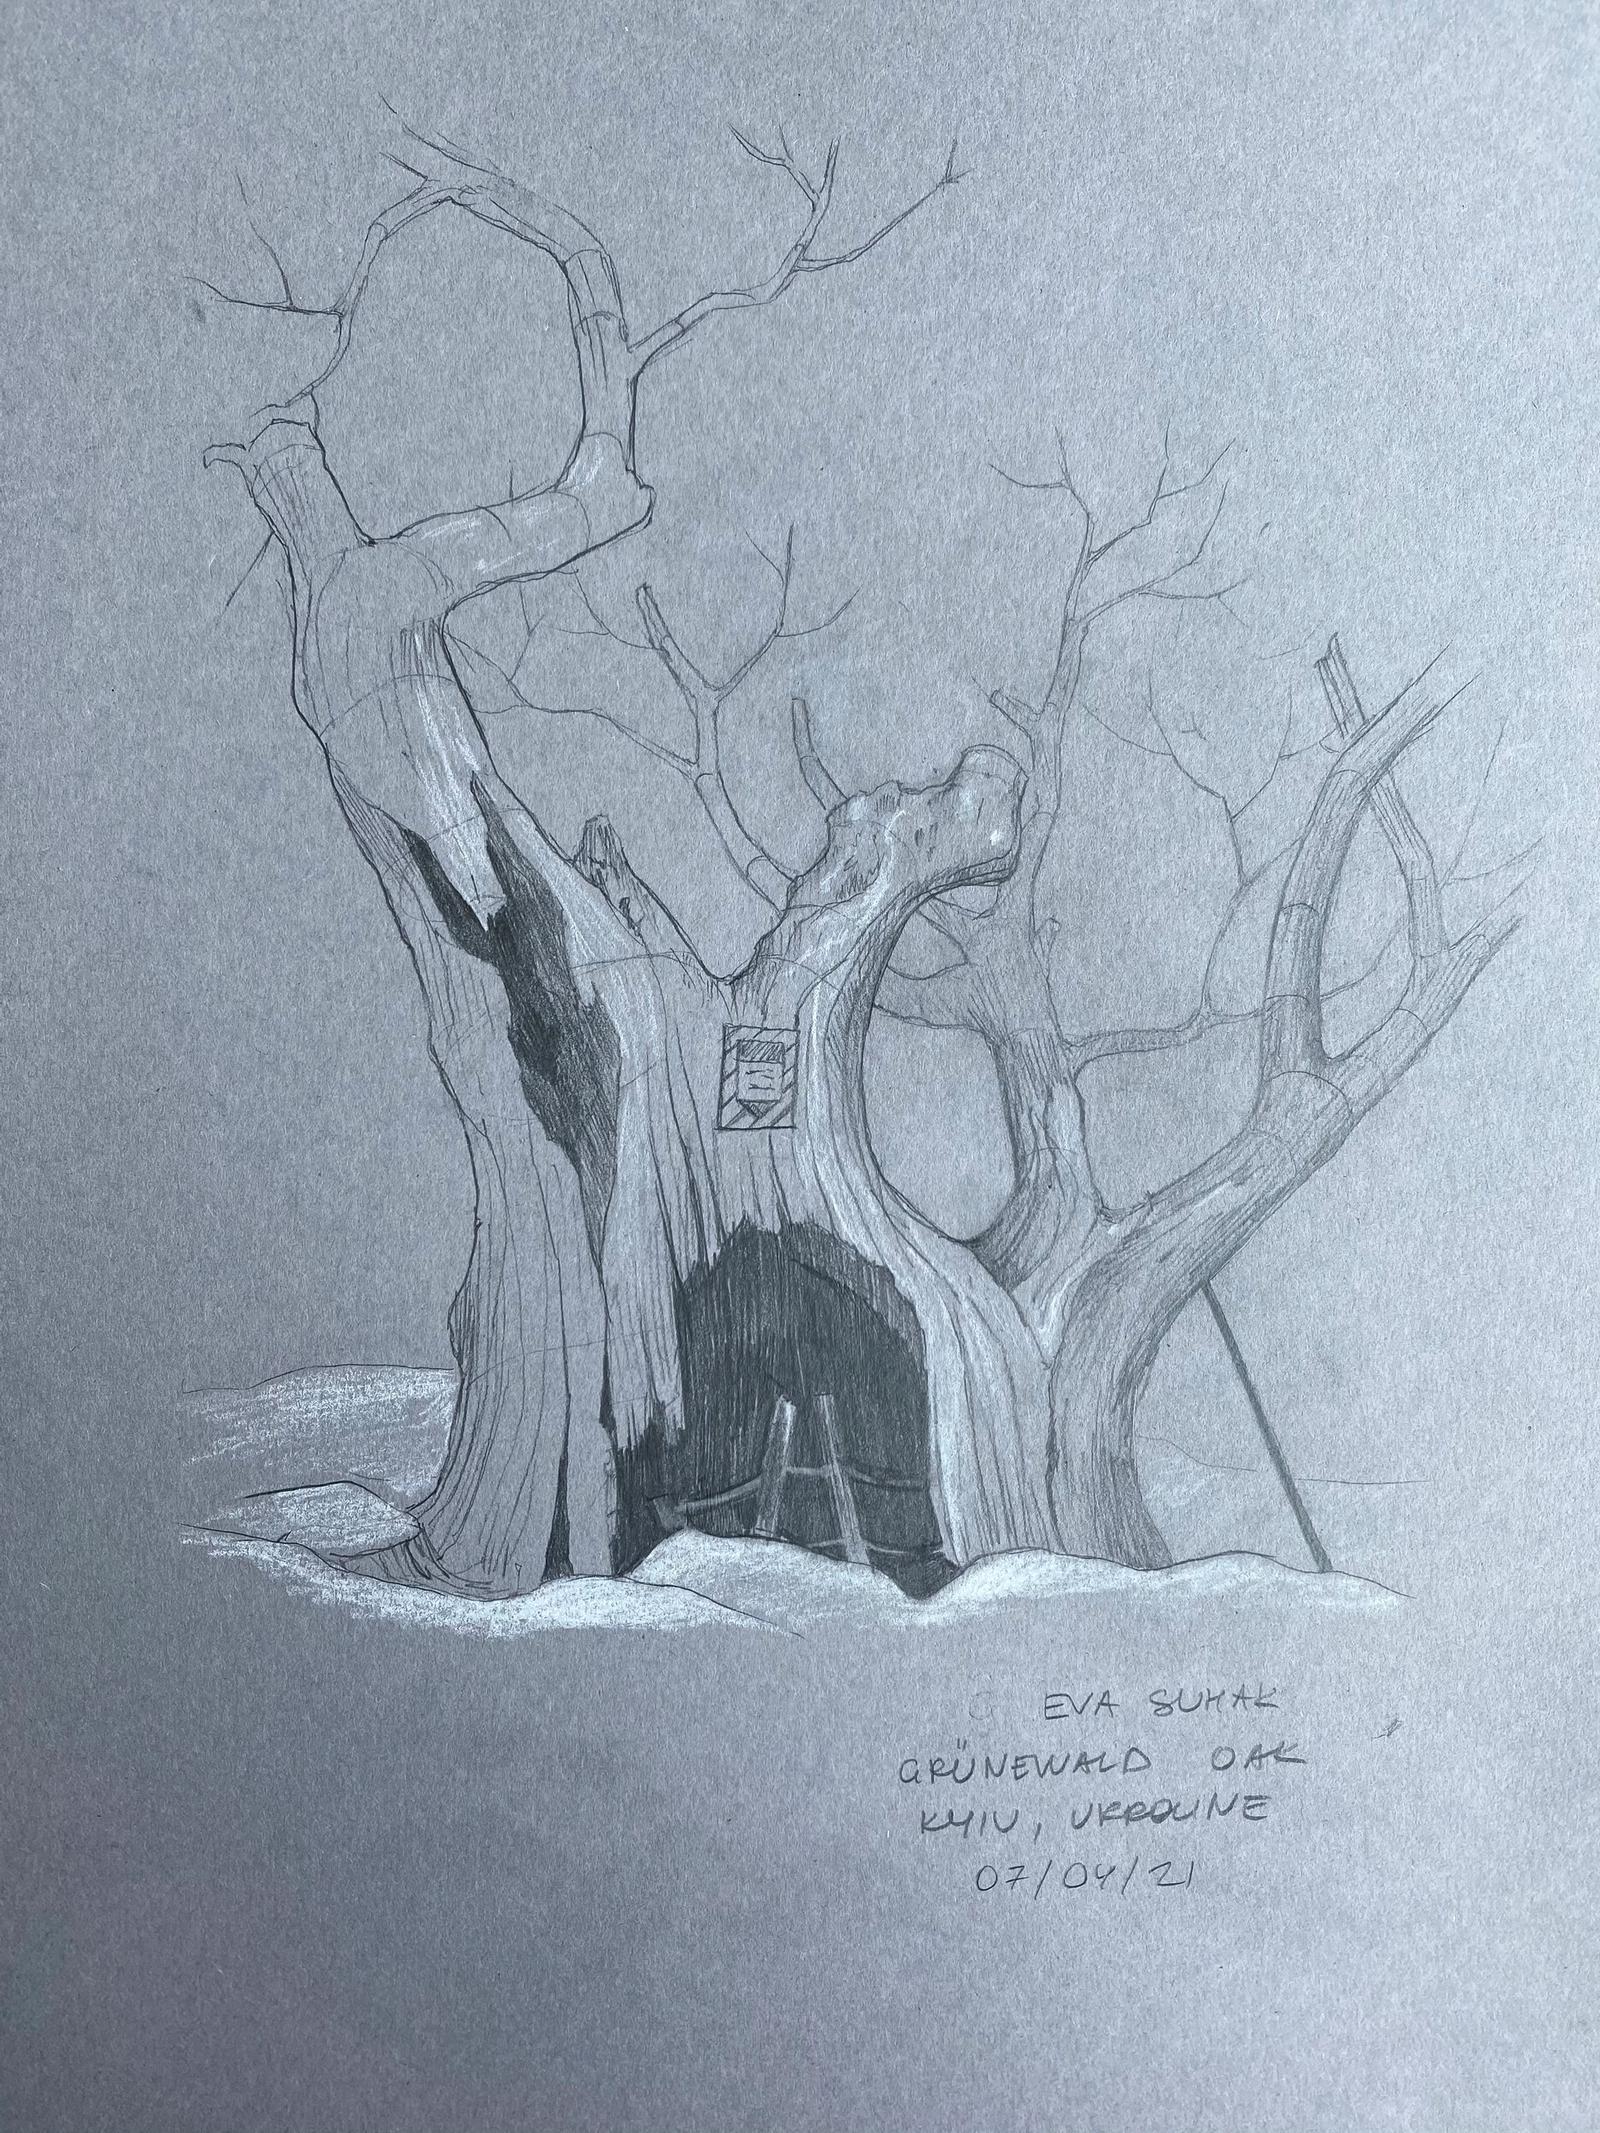 Grünewald Oak